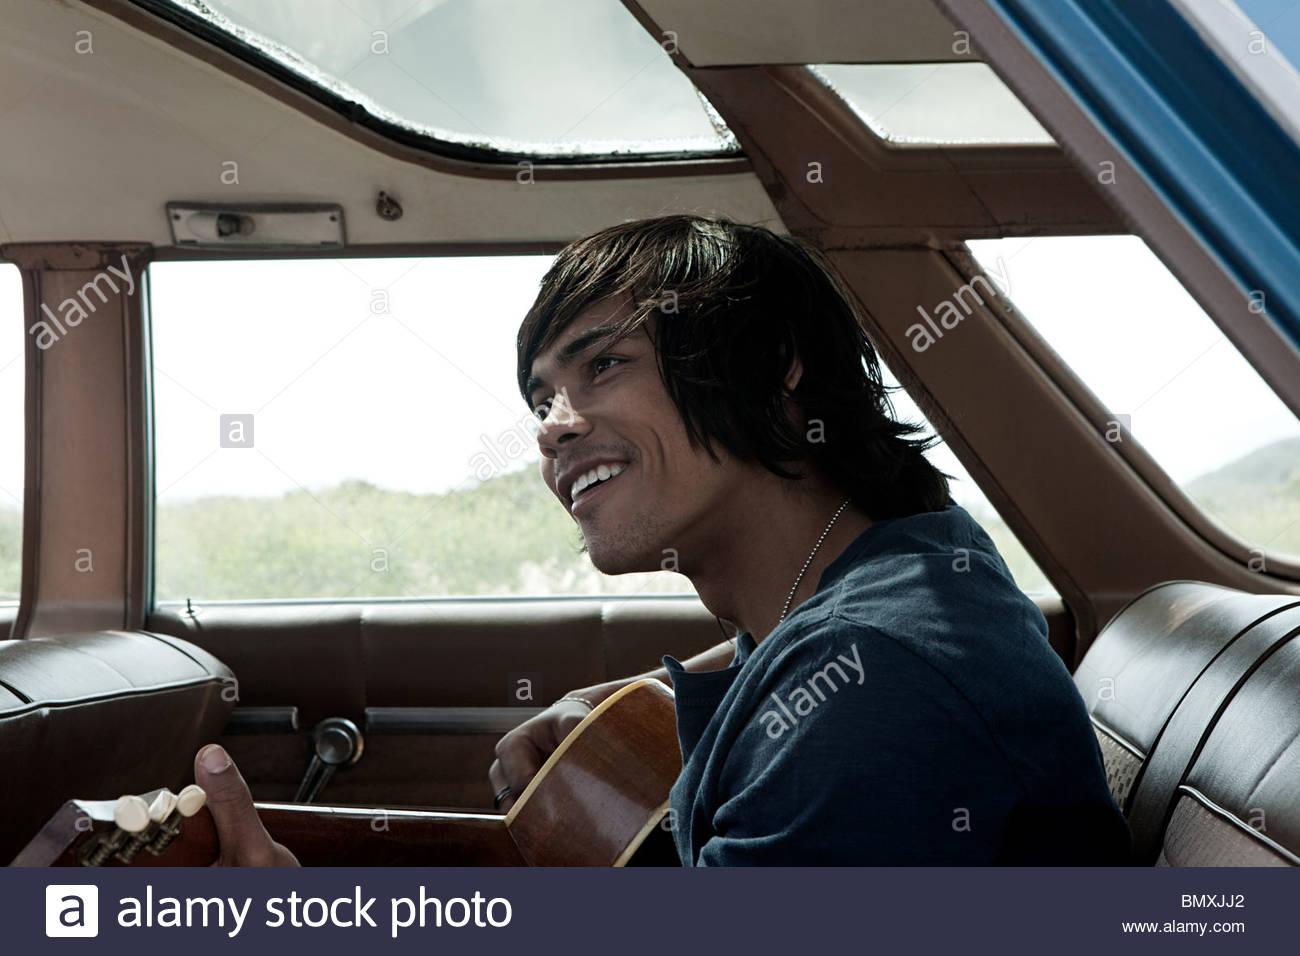 Joven dentro del vehículo tocando la guitarra Imagen De Stock